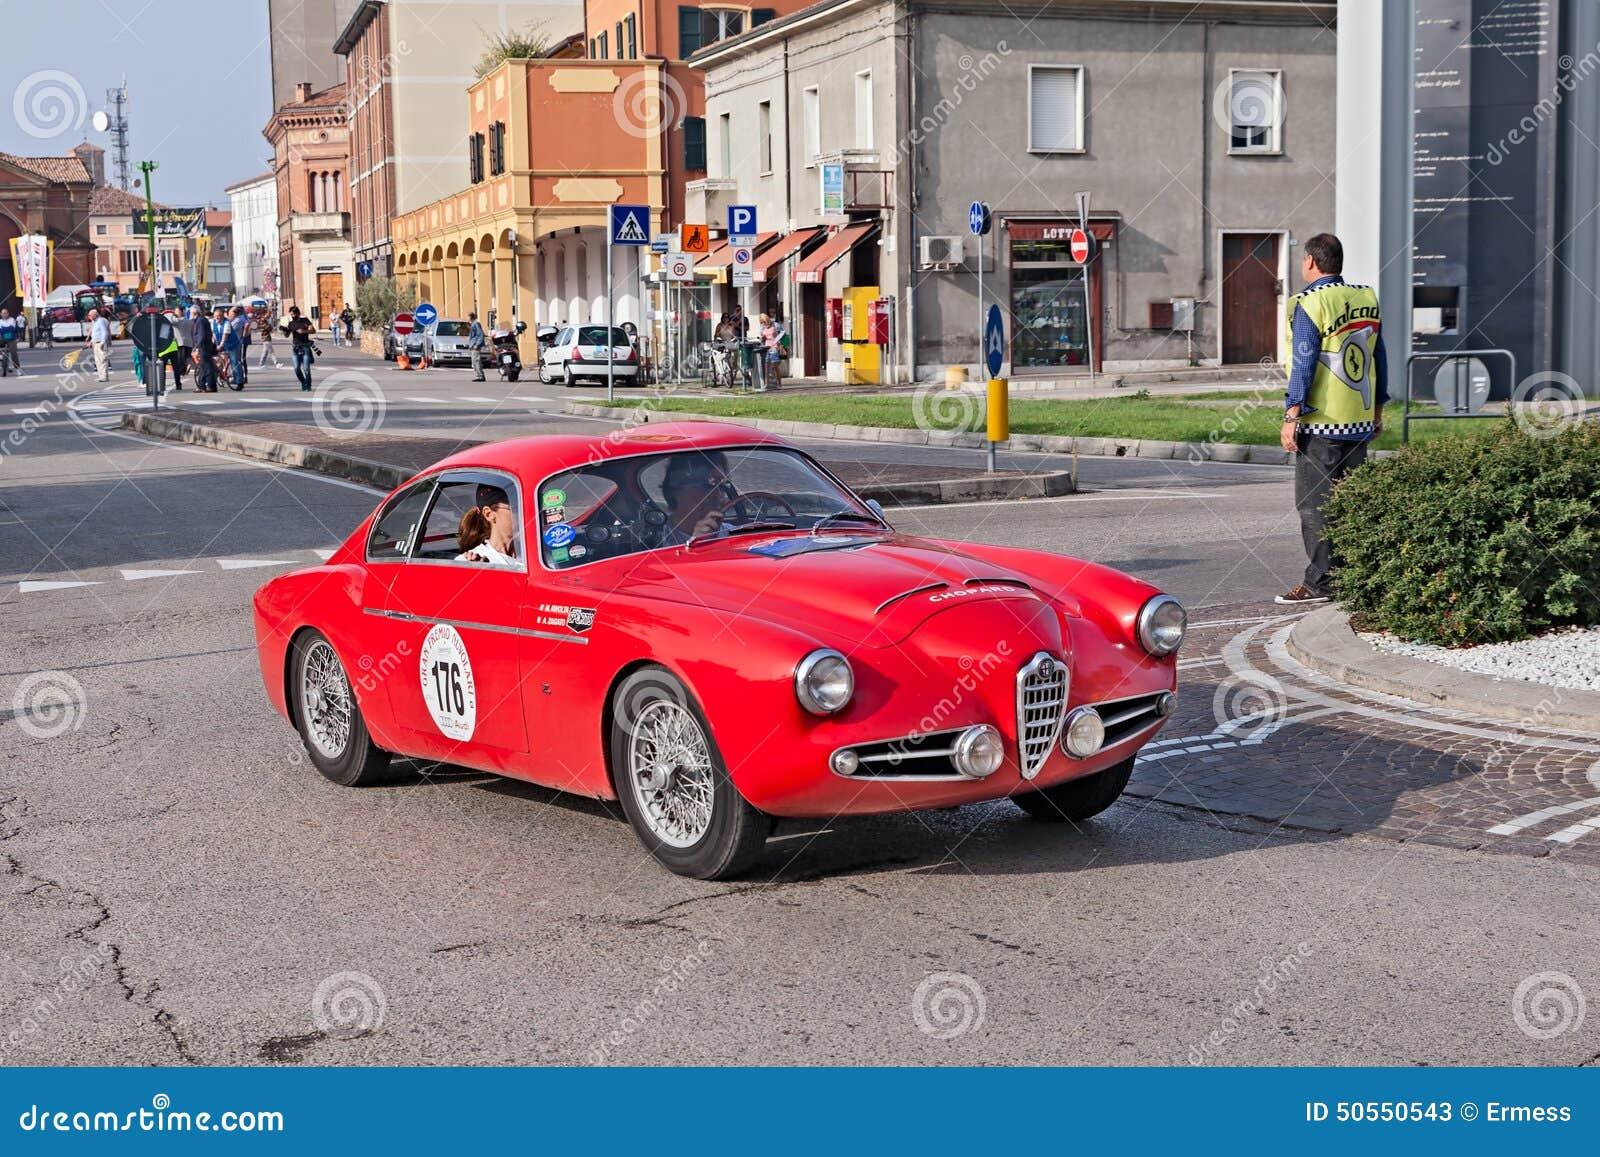 Vintage Alfa Romeo Ssz Zagato Editorial Stock Photo